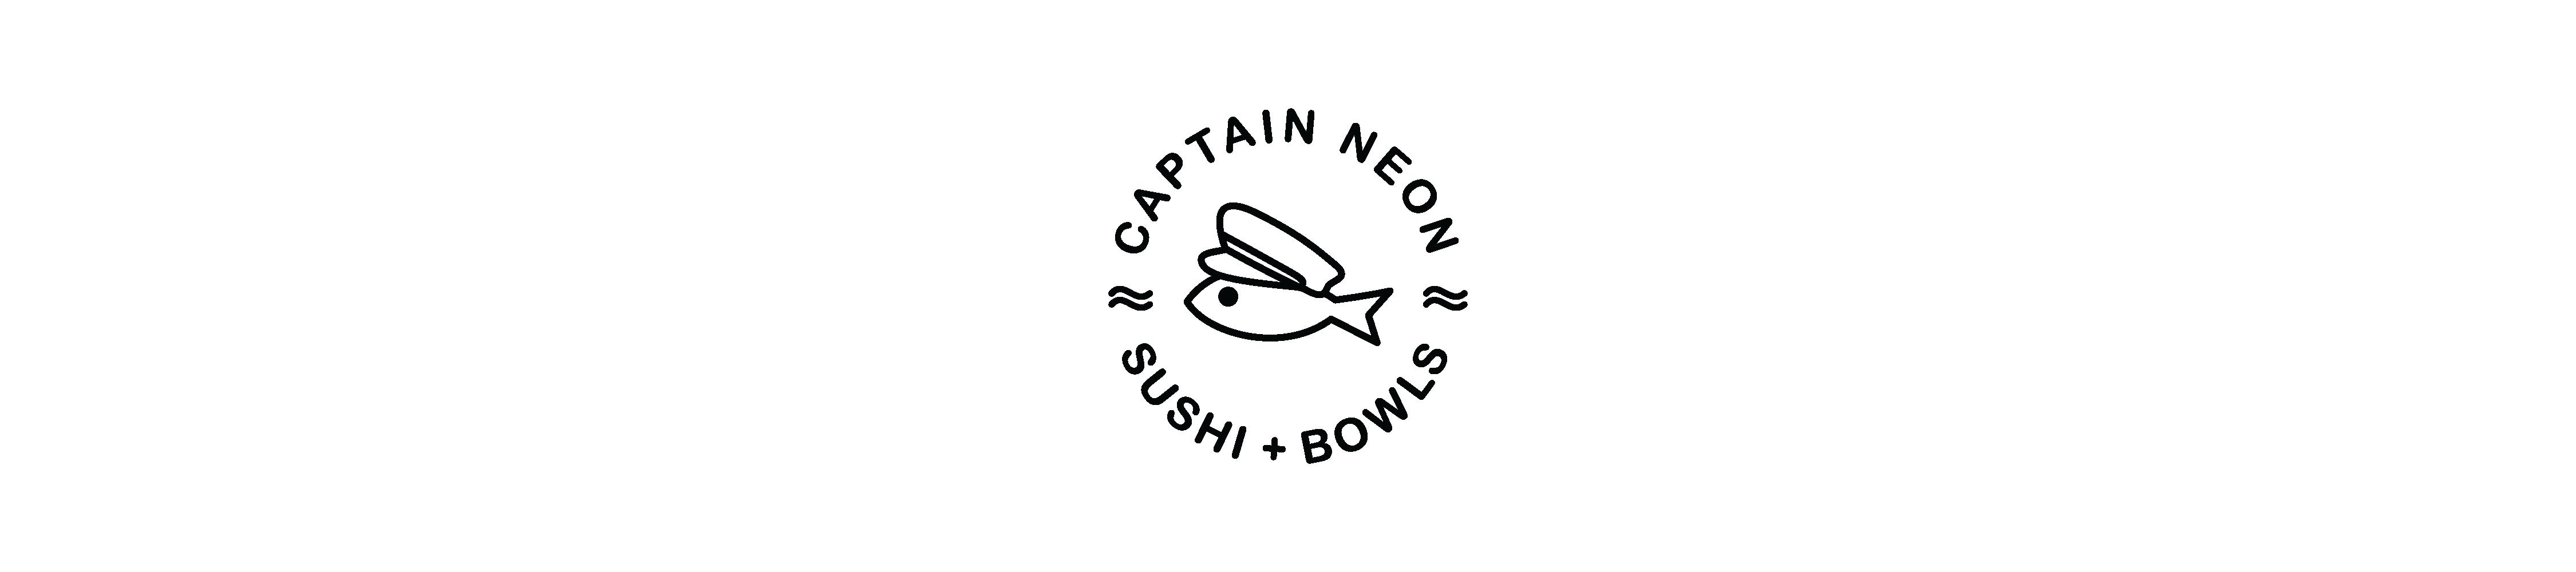 Captain Neon's Sushi & Bowls